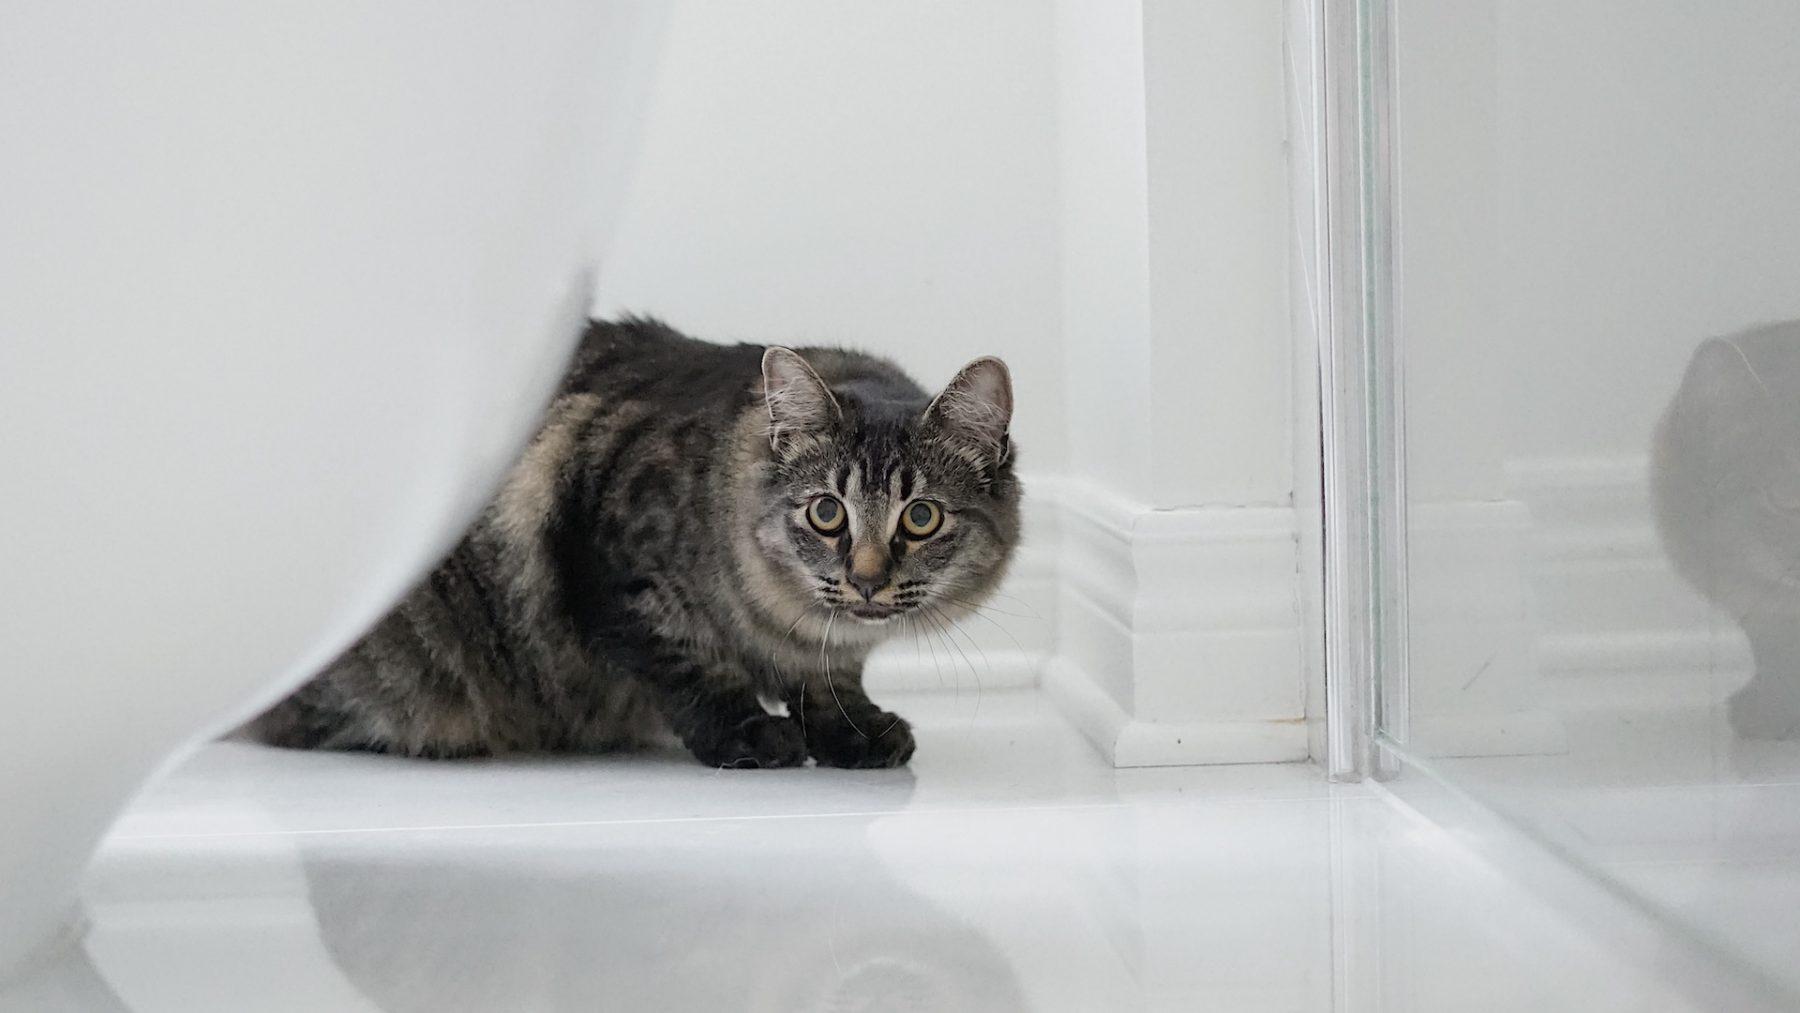 Gaat jouw huisdier ook zo graag mee naar de wc? Dierenarts Vahid legt uit hoe dat komt